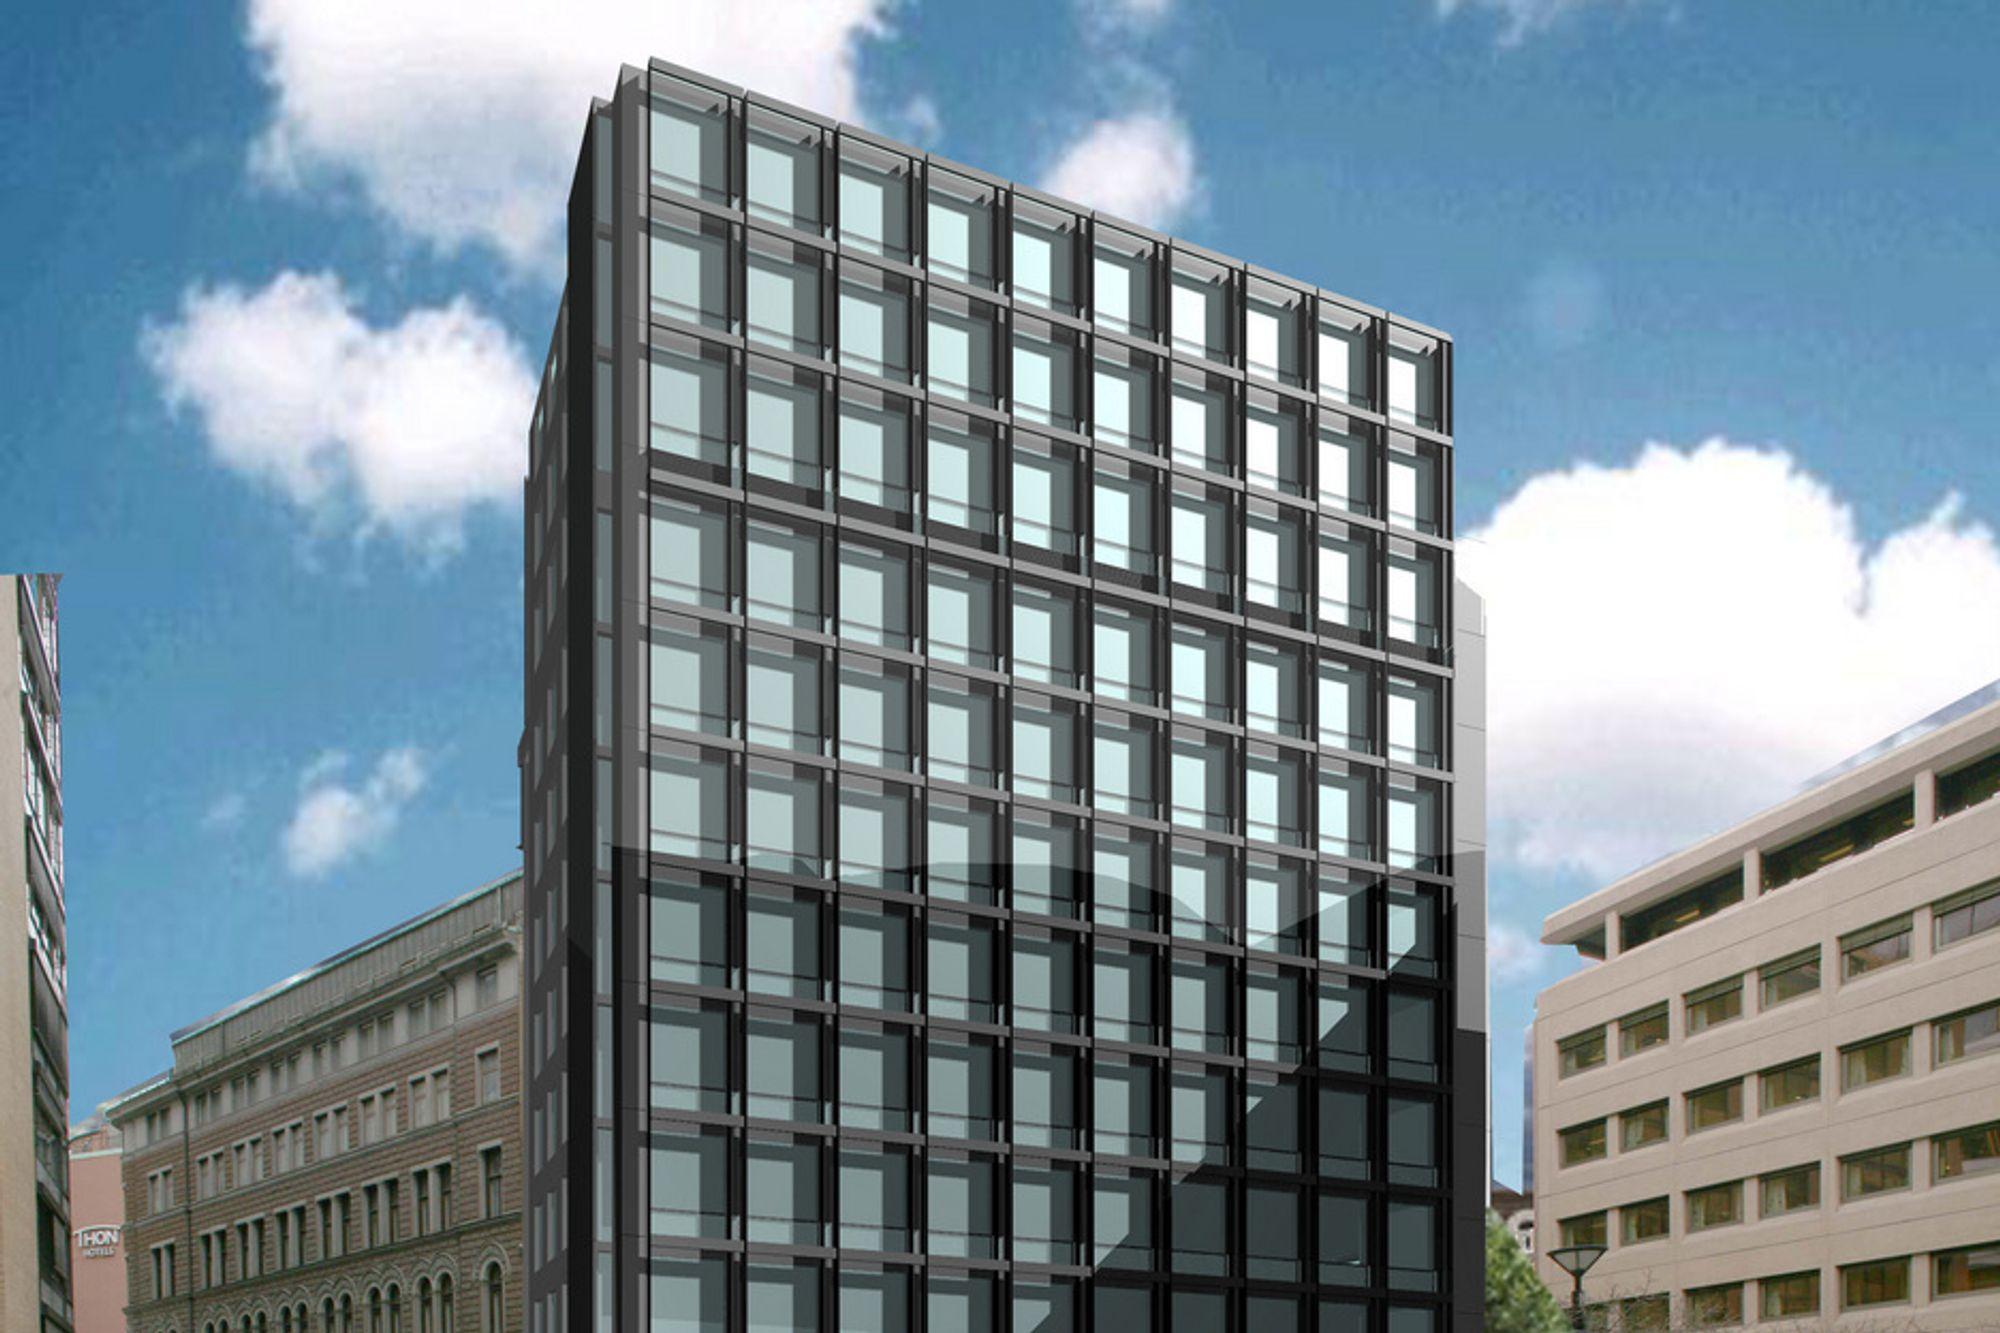 FERDIG: Slik blir Teatergata 9 seende ut når bygget står ferdig i 2012. Det blir sannsynligvis det eneste av de tre byggene som utgjør R6 som klarer energimerke B.